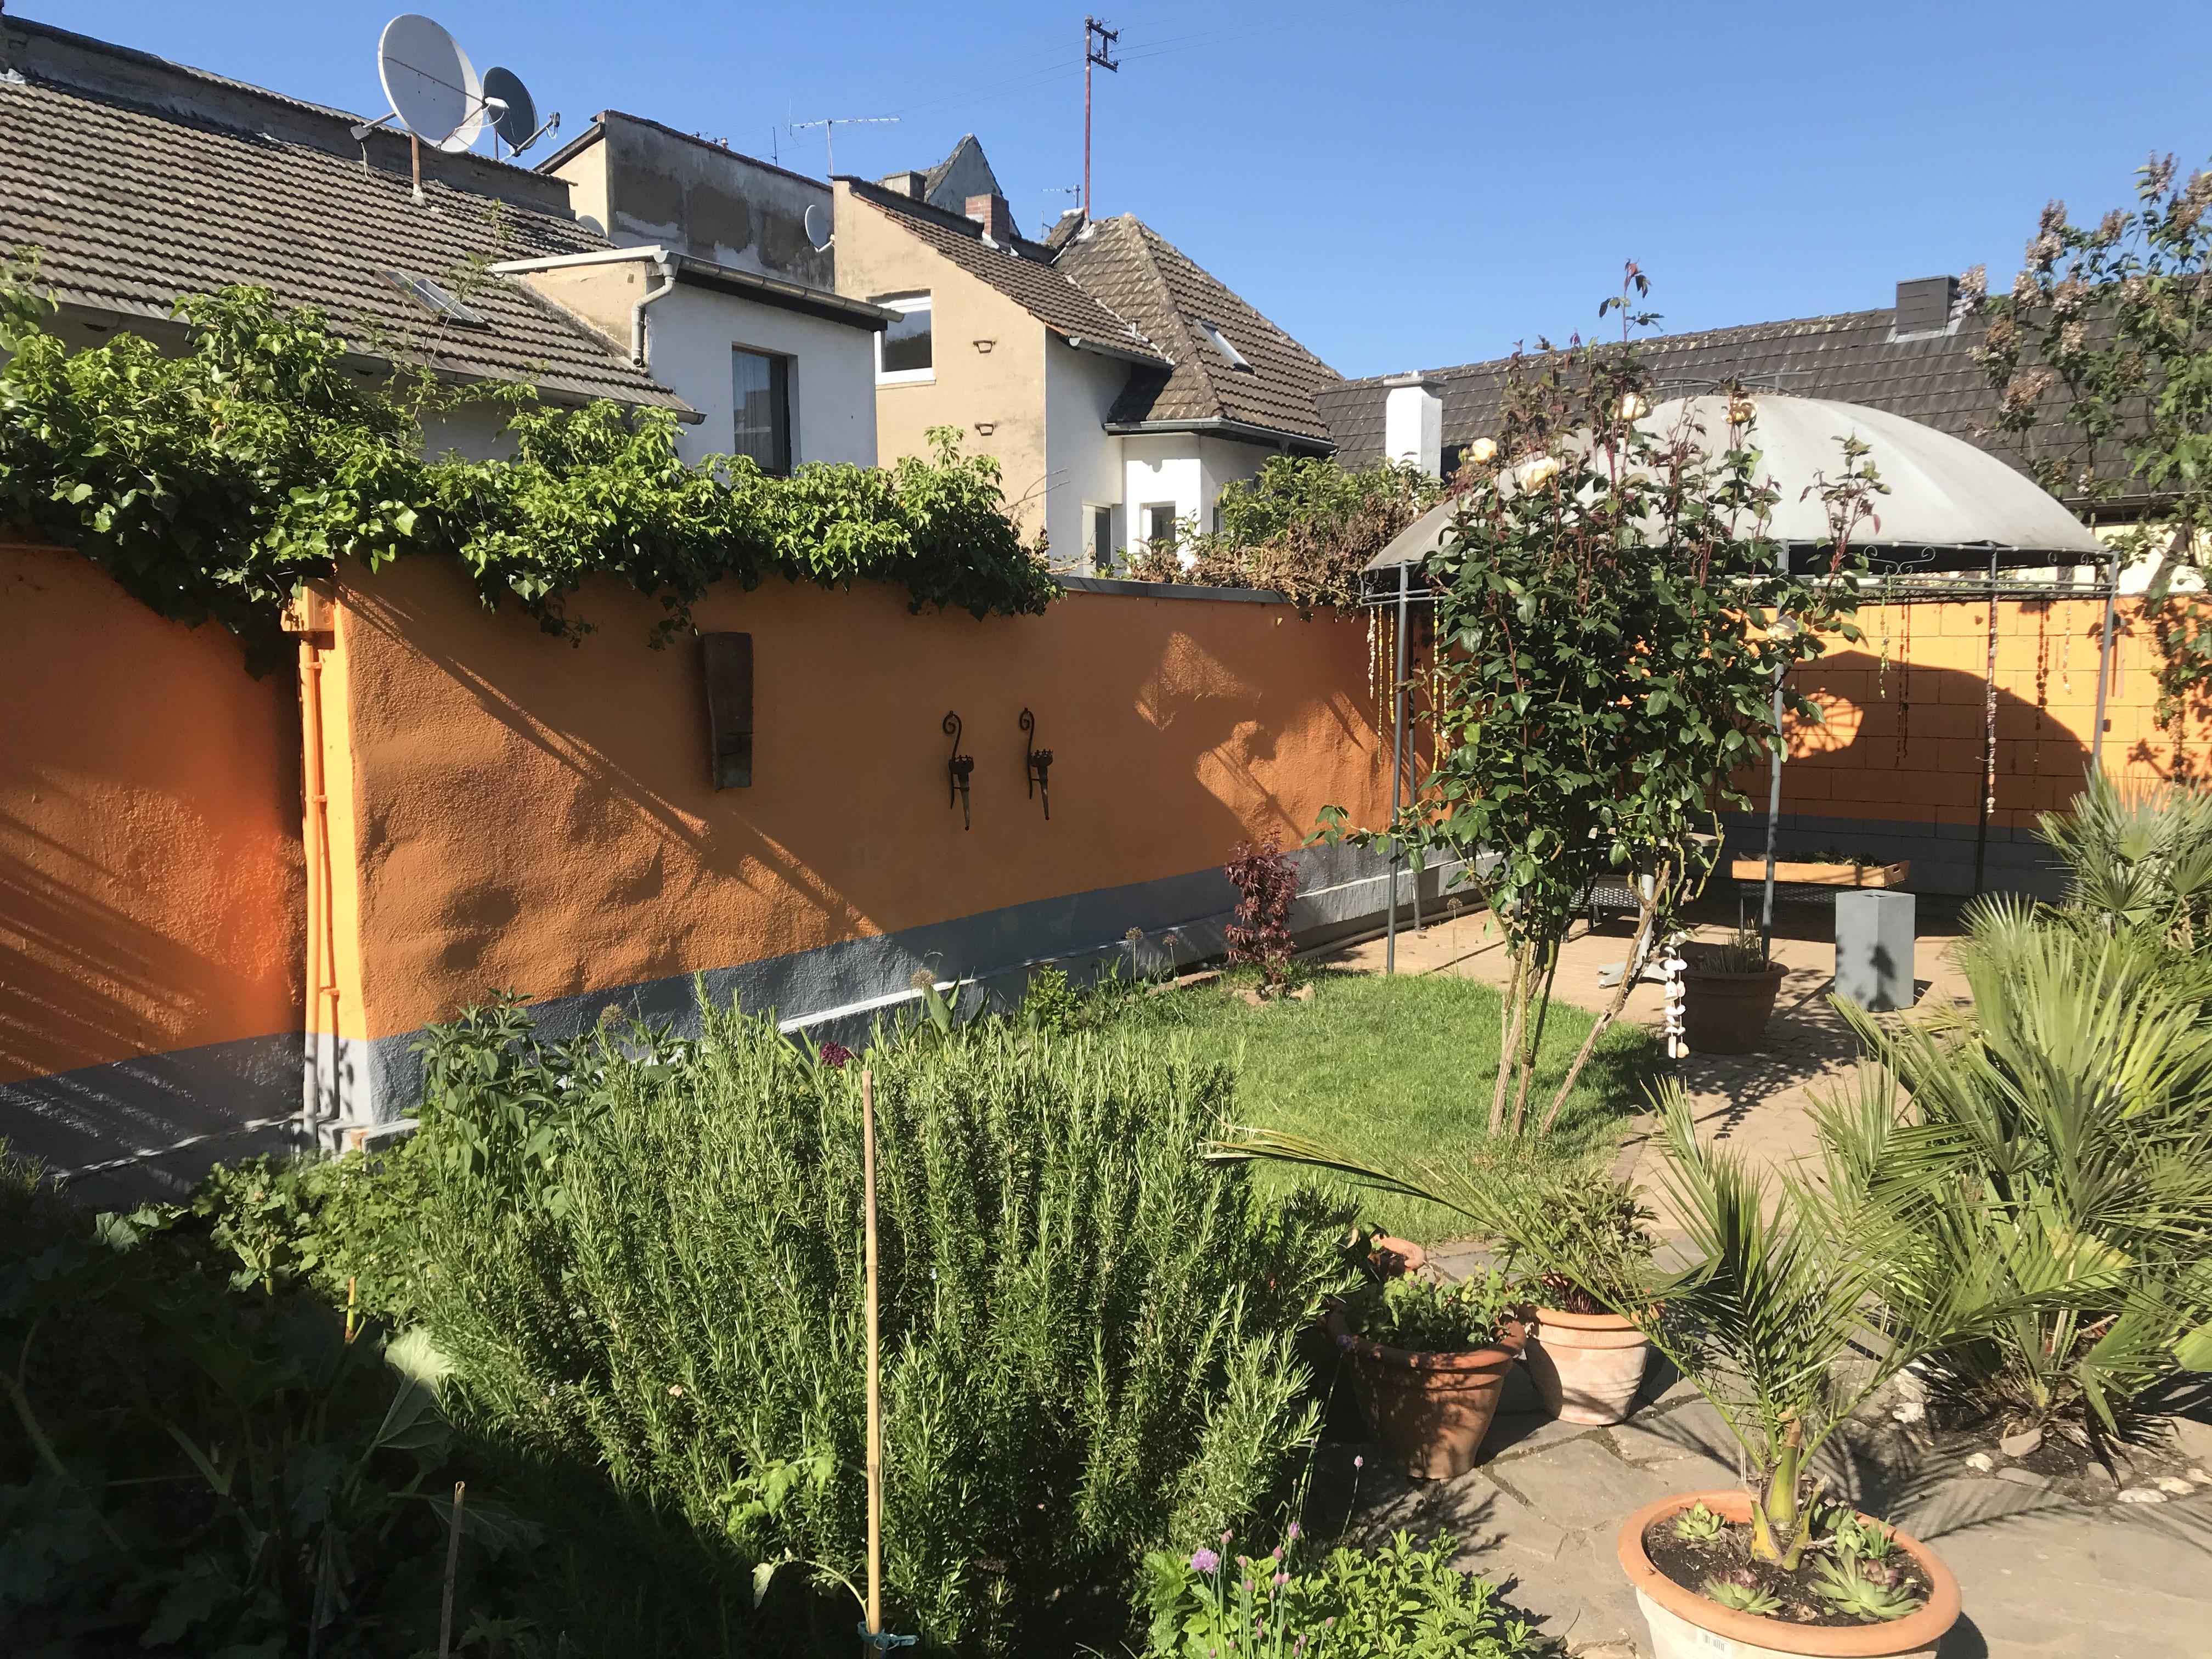 Romantisches Häuschen am Rhein in Remagen bei Bonn Häuser